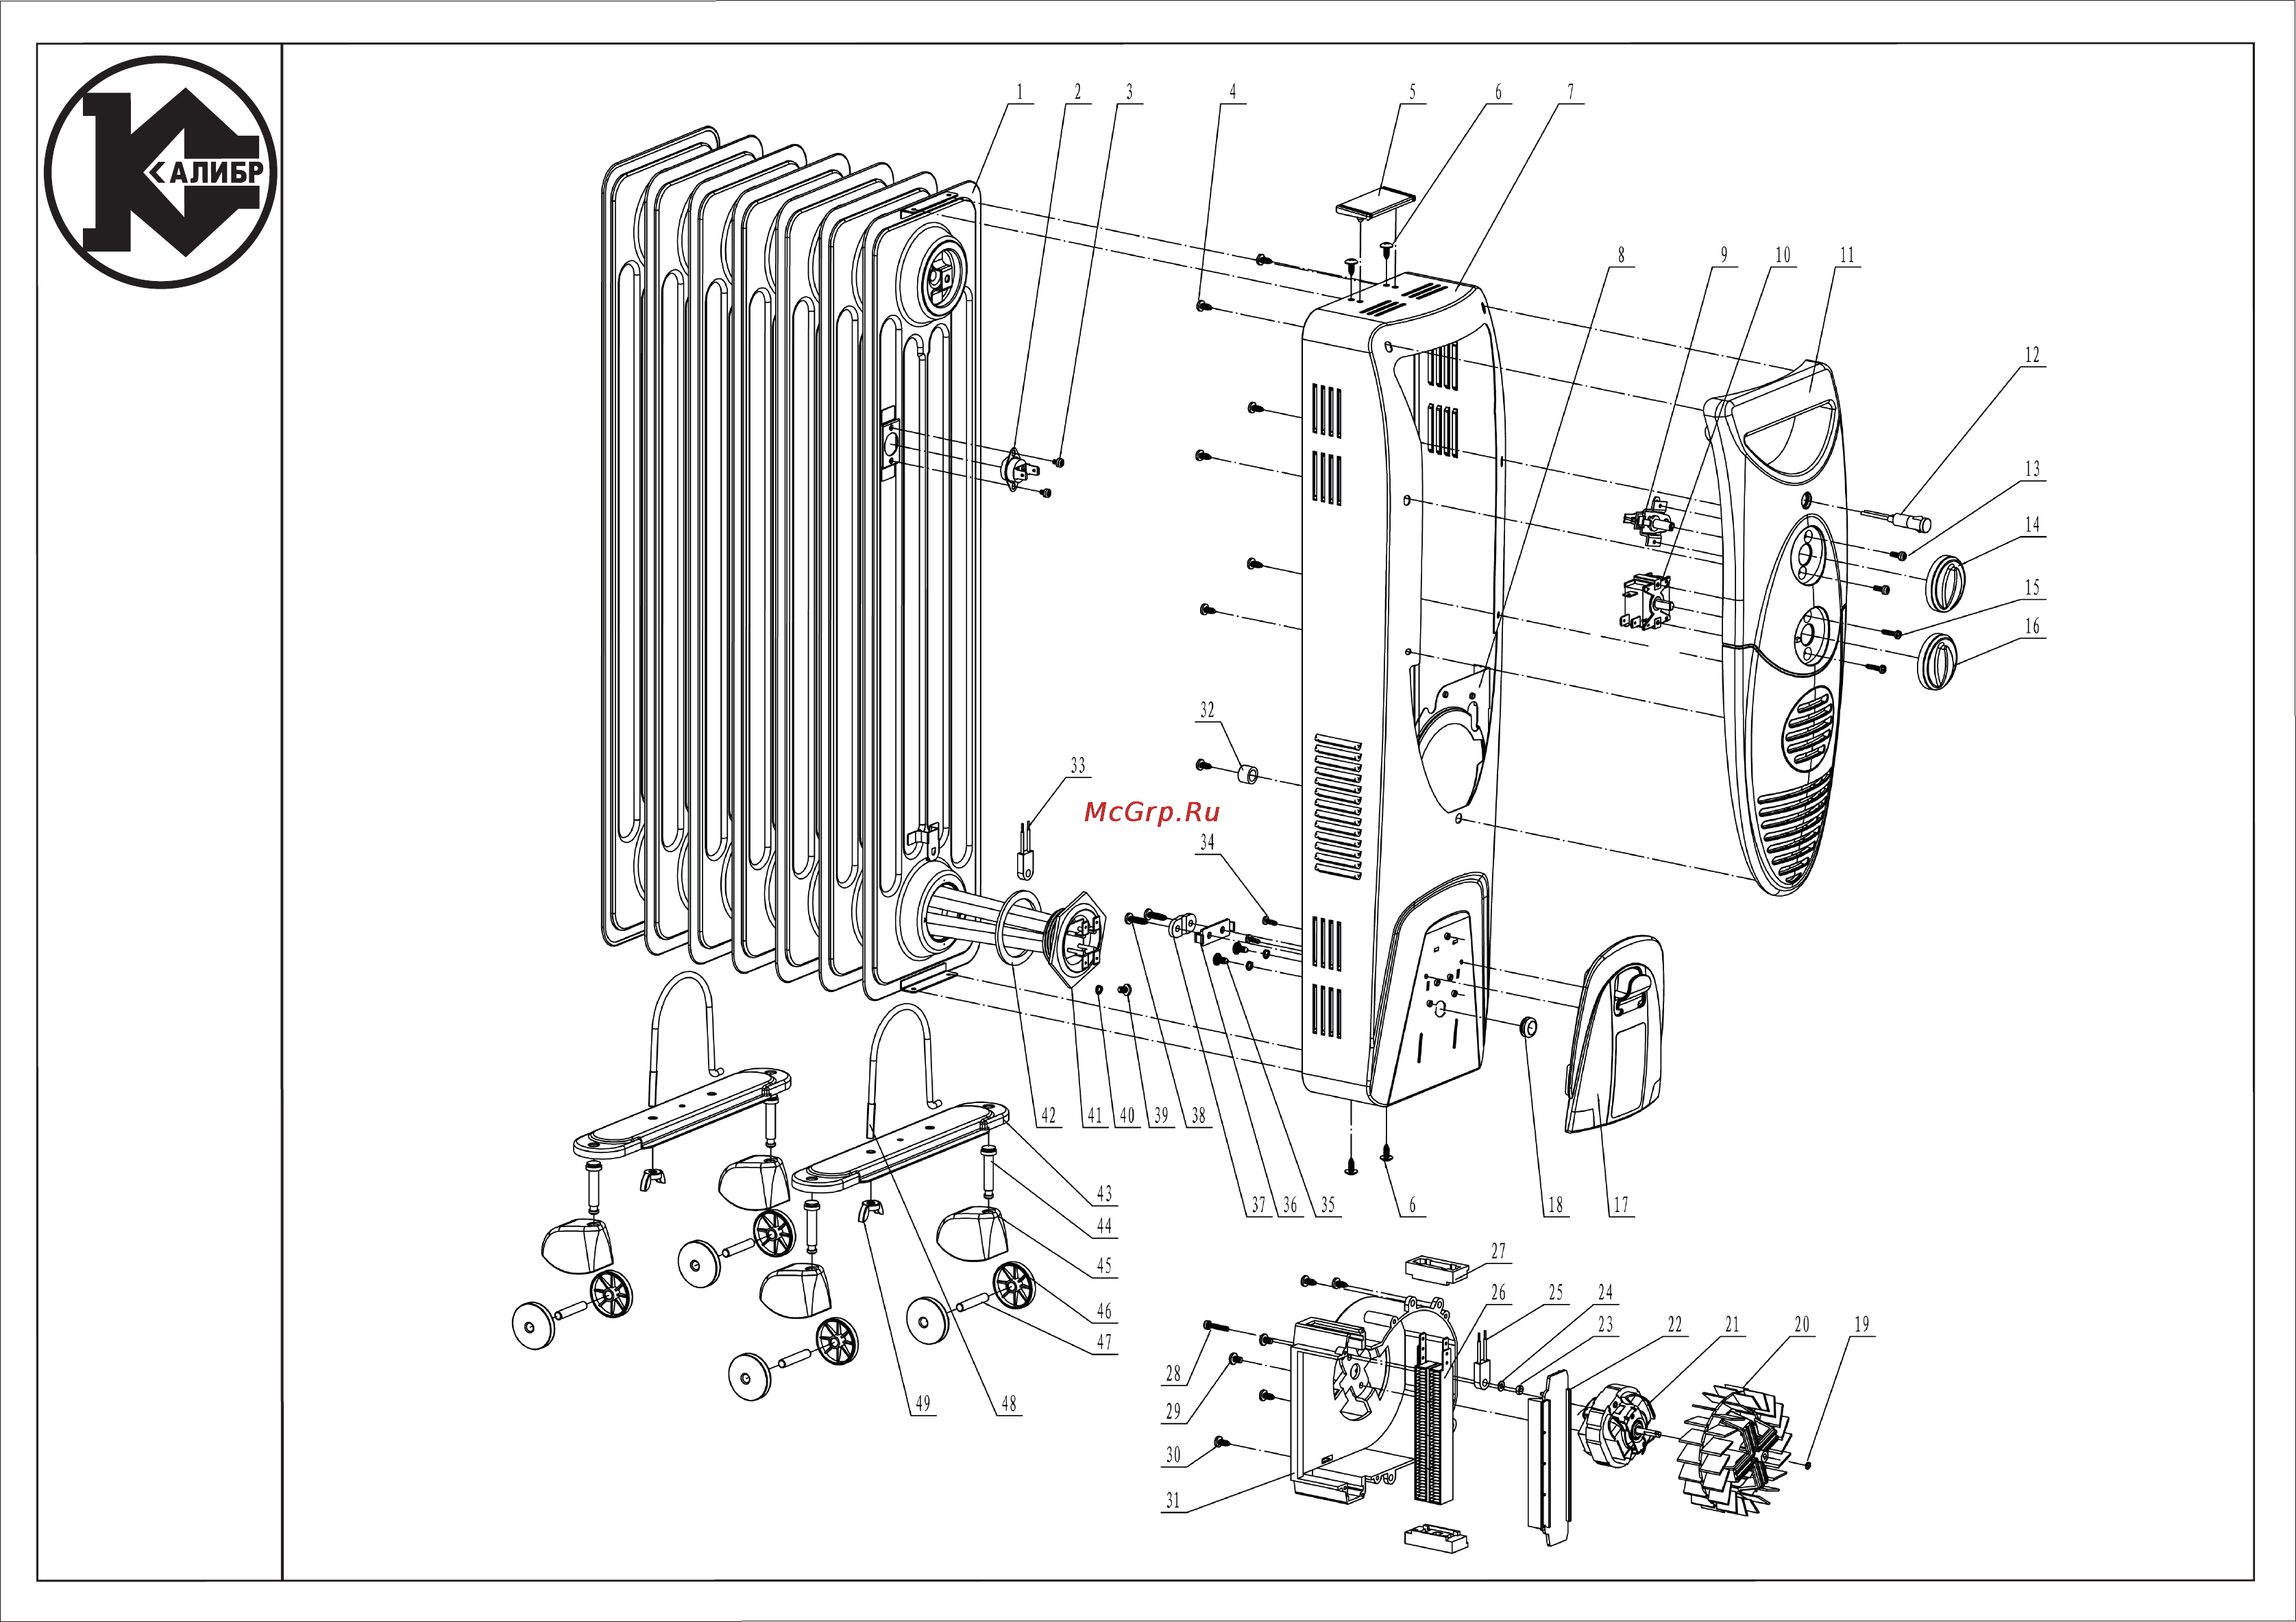 Как разобрать и отремонтировать масляный обогреватель. тепловентилятор не греет – как починить? как заменить тэн в масляном обогревателе